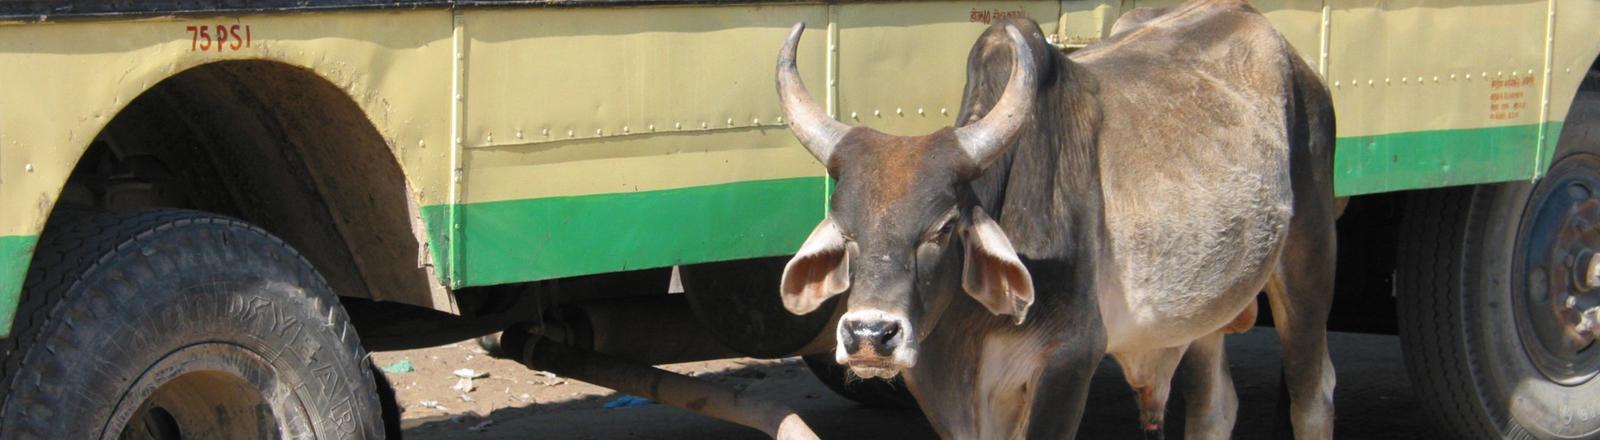 Eine Kuh in Indien steht vor einem LKW.